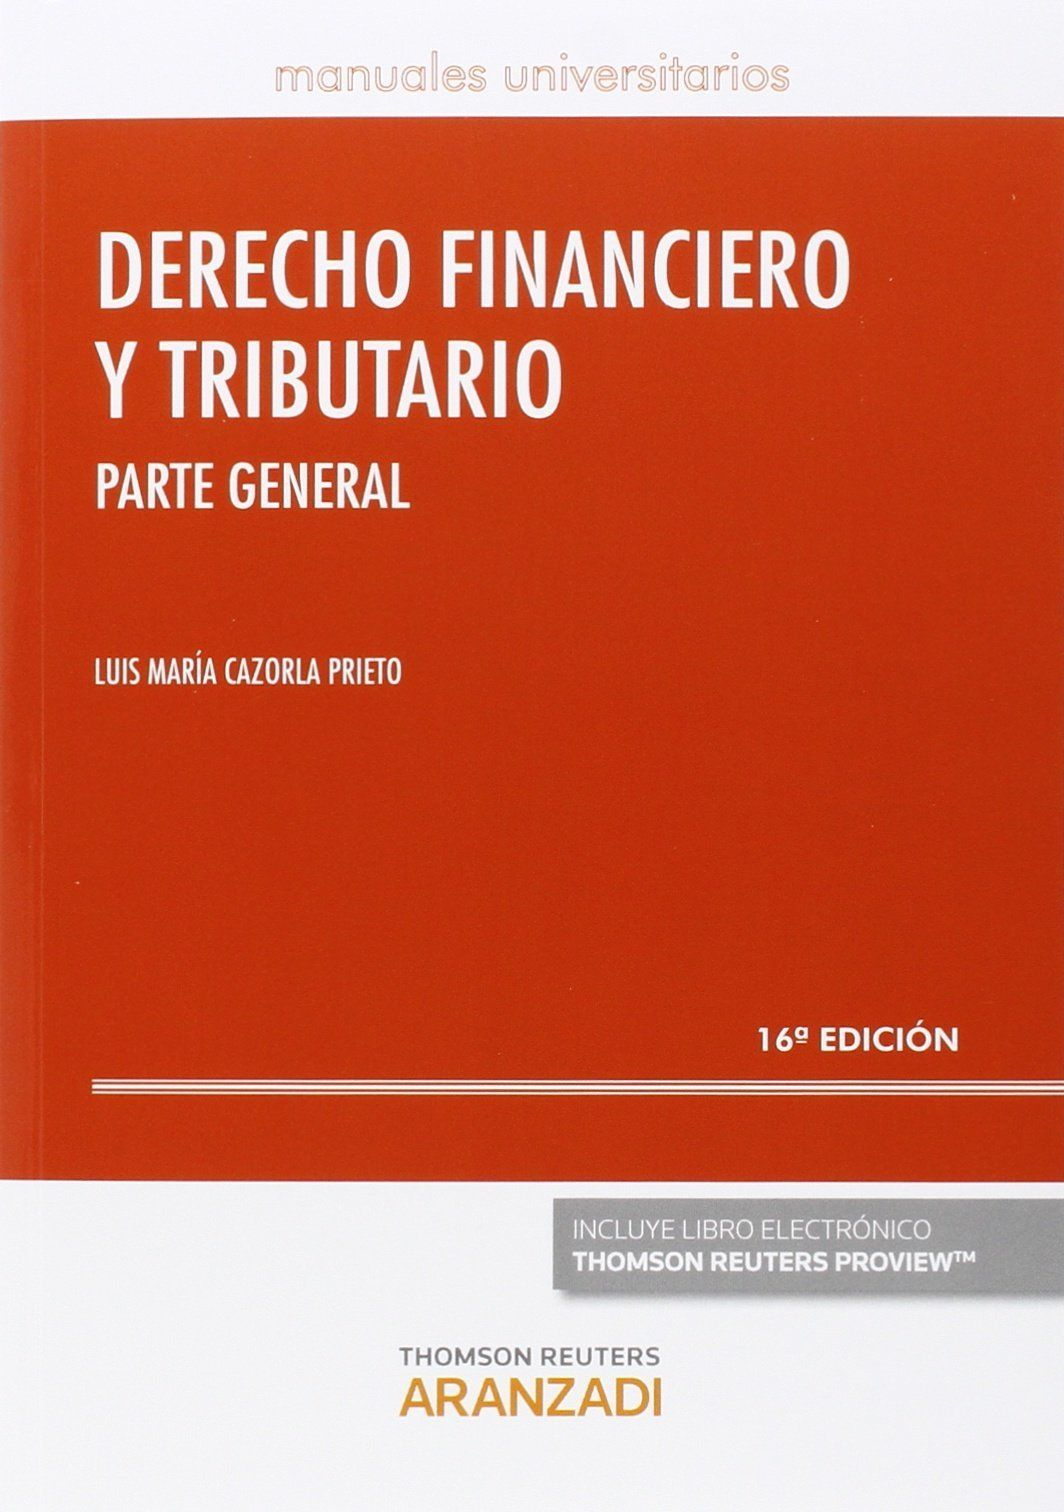 Derecho financiero y tributario. Parte general / Luis María Cazorla Prieto